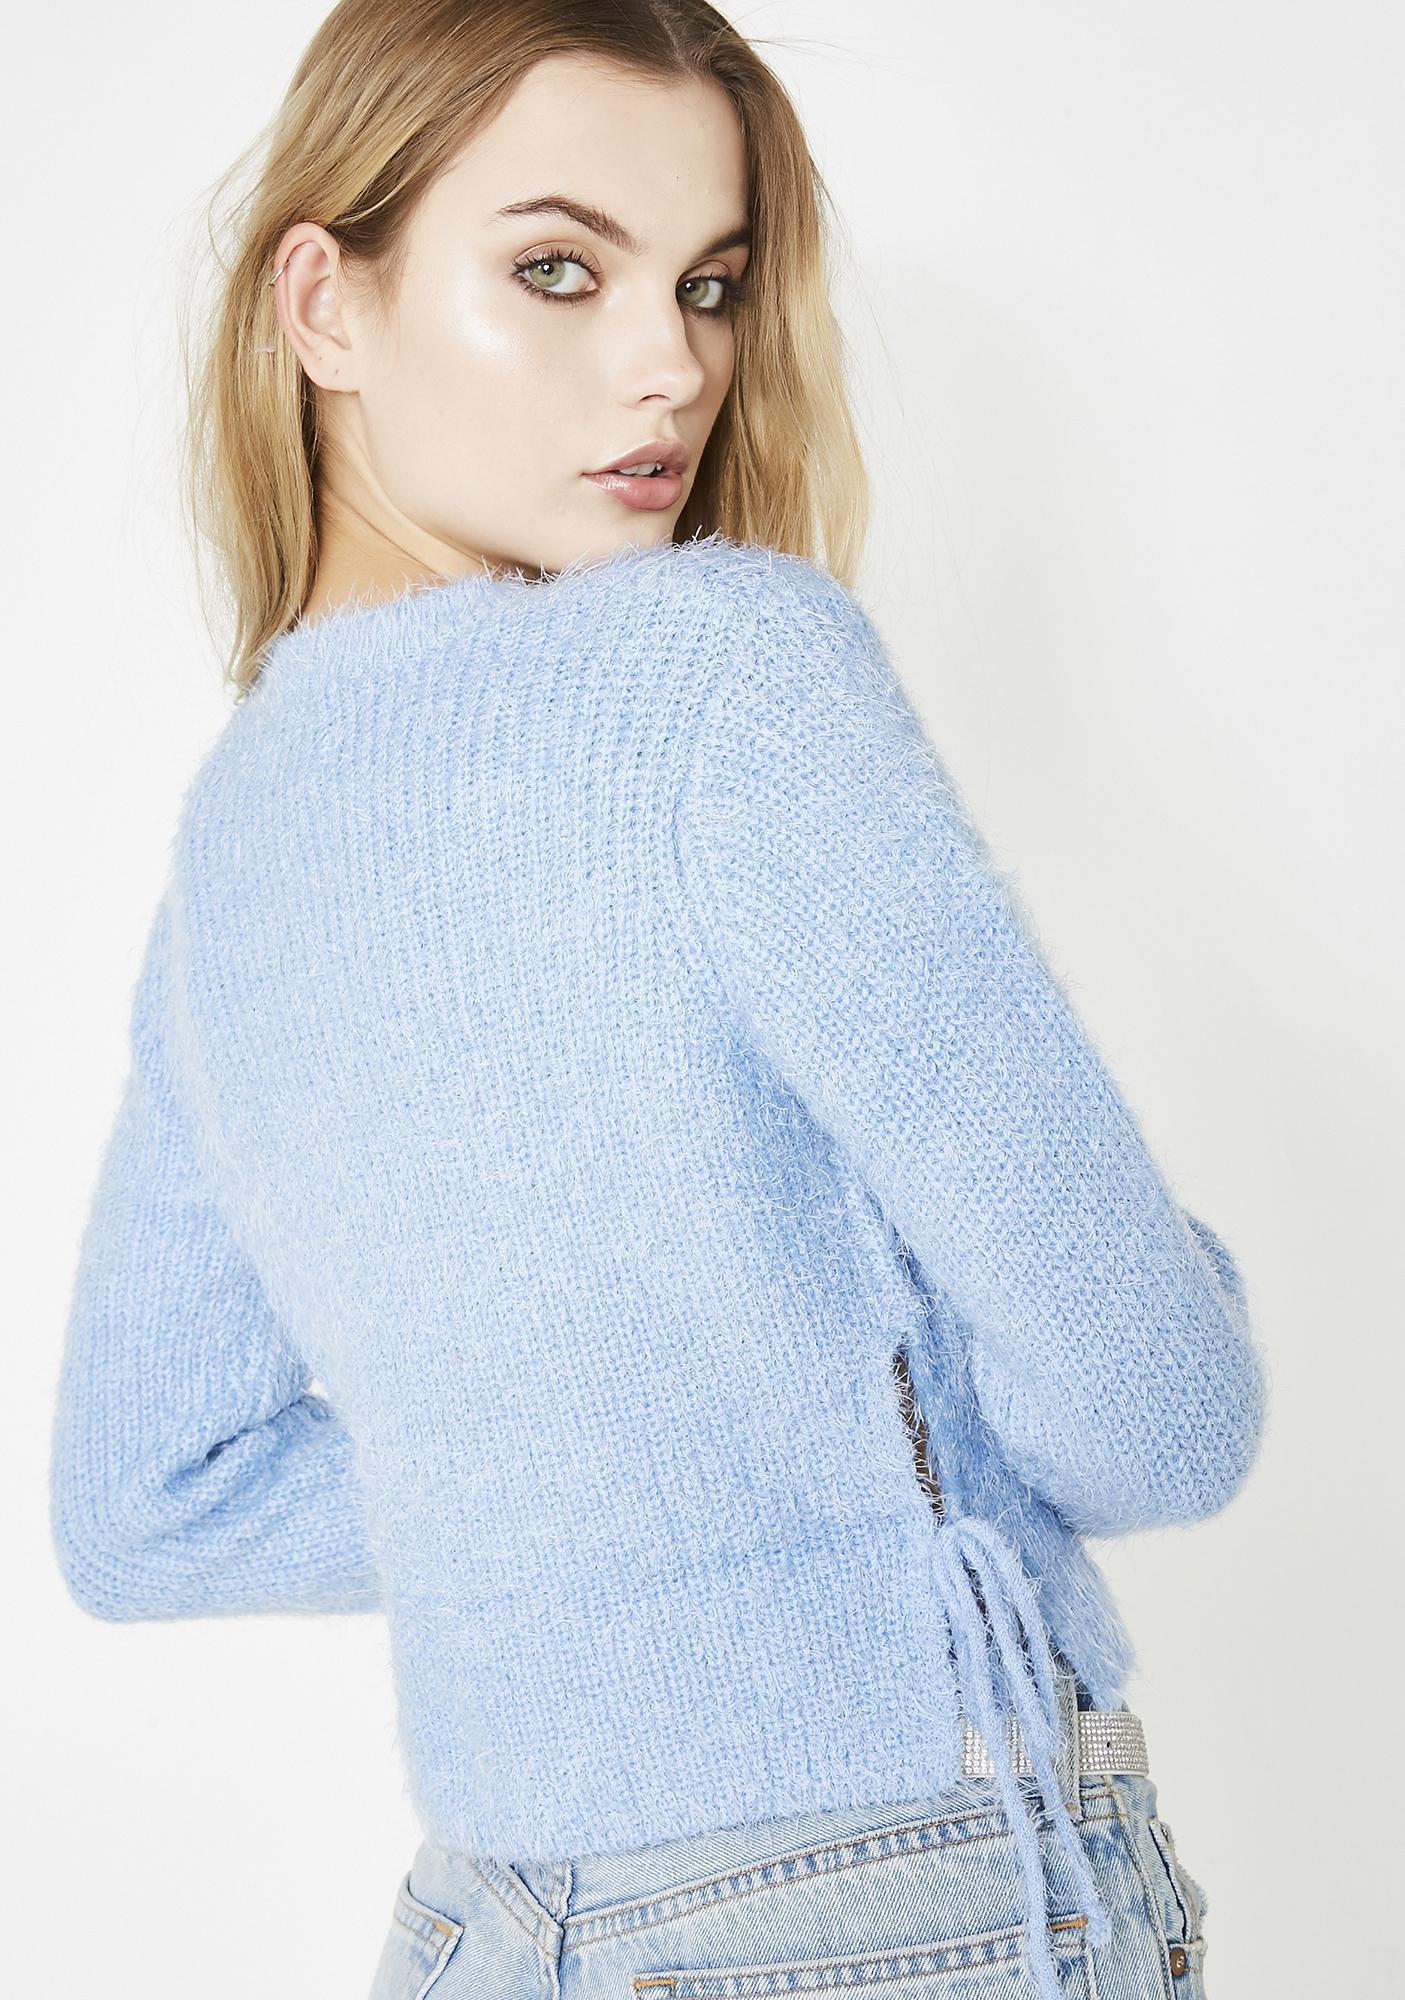 My Go To Fuzzy Sweater